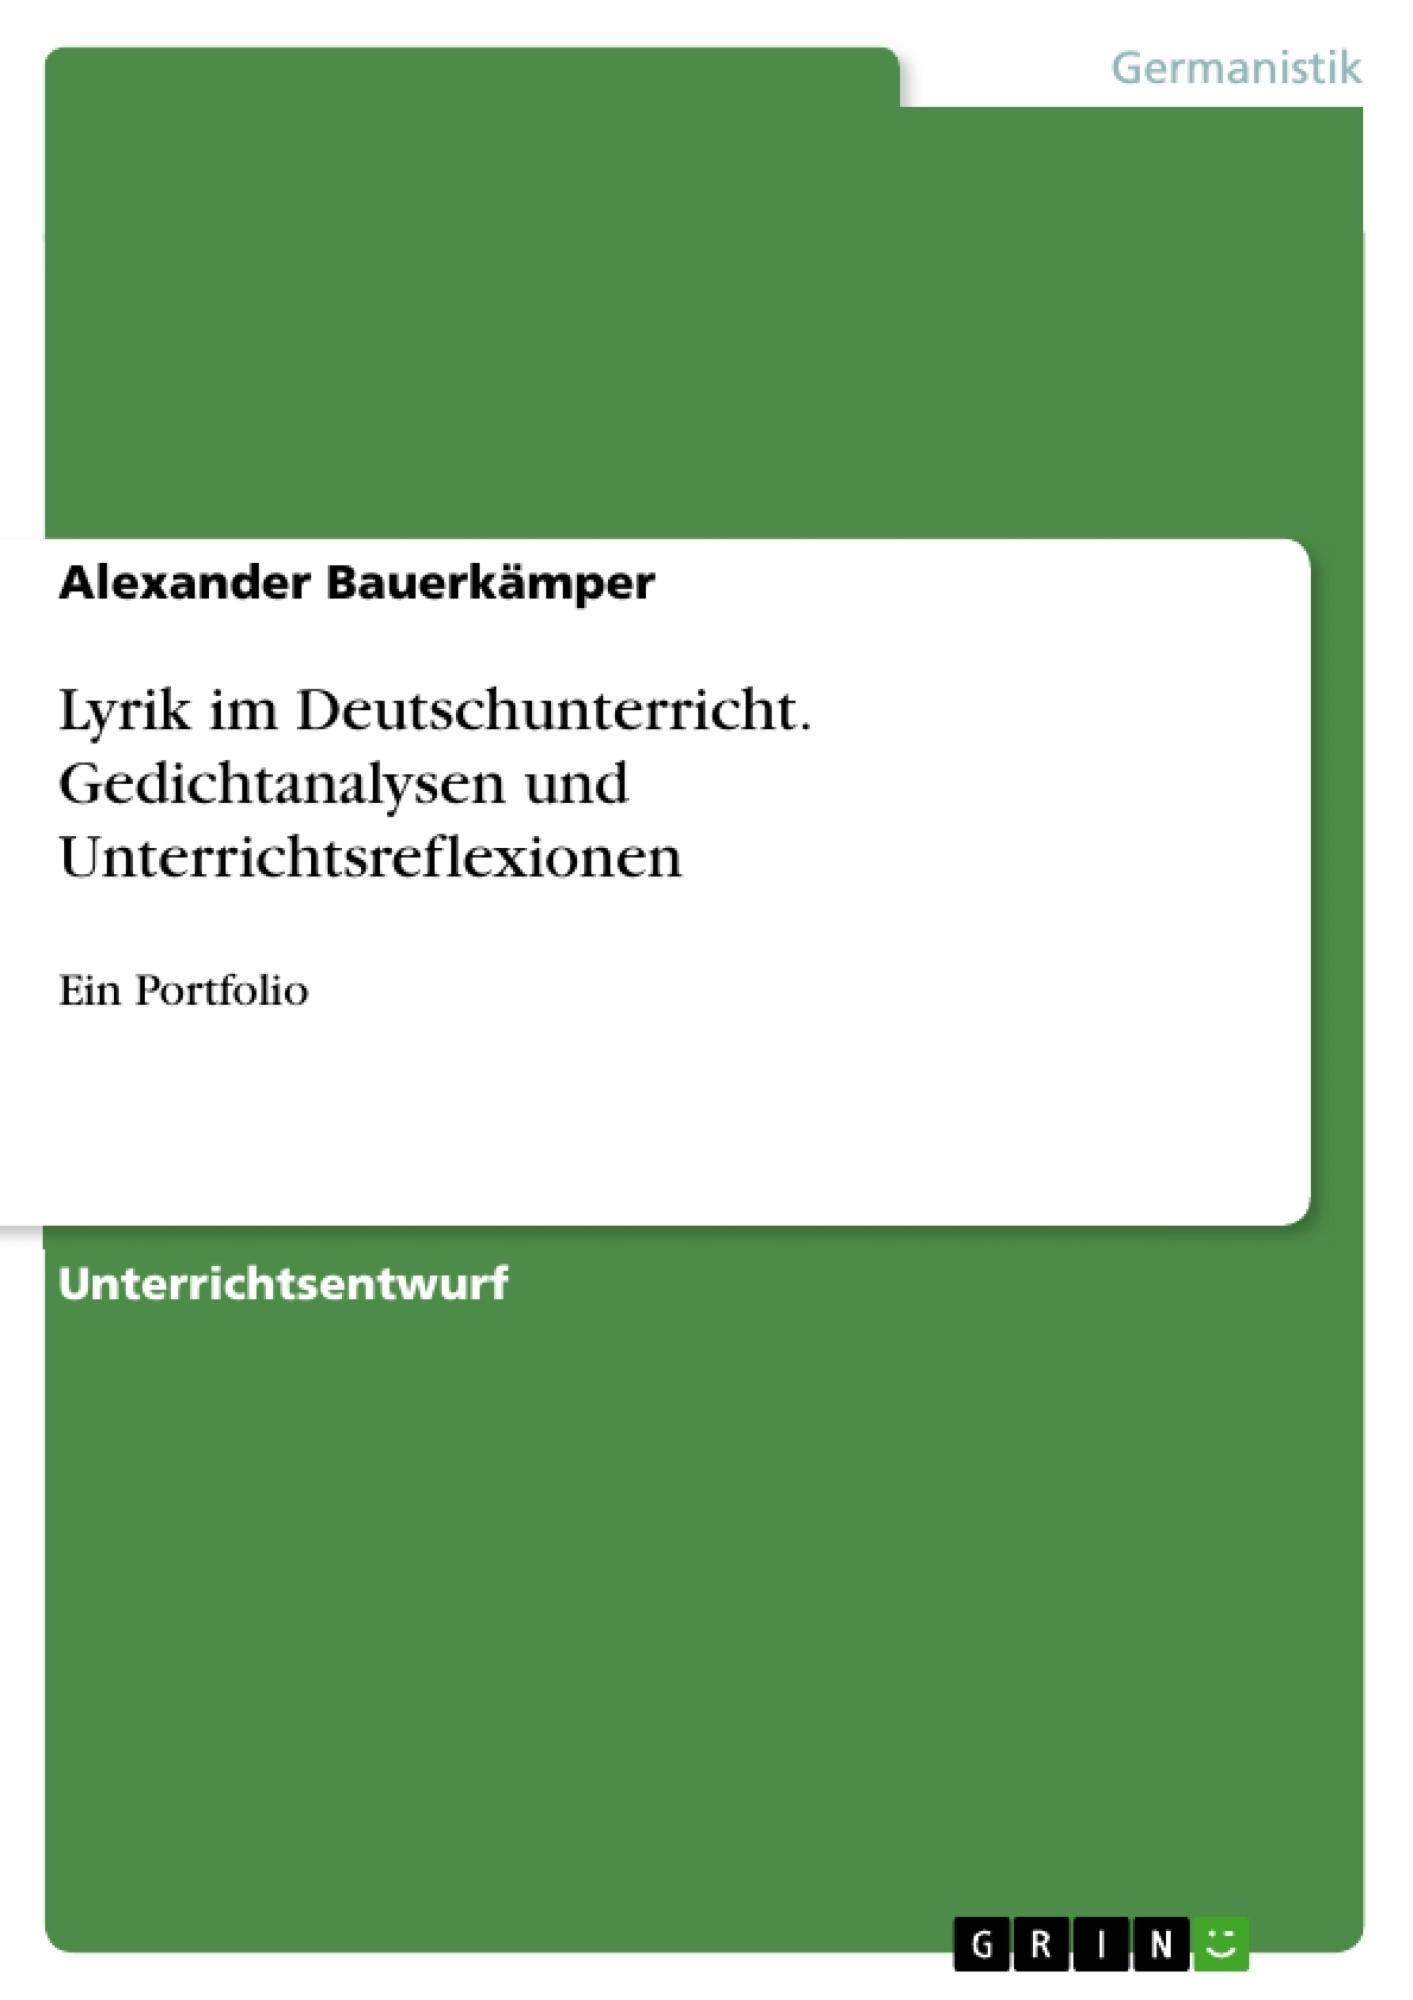 Titel: Lyrik im Deutschunterricht. Gedichtanalysen und Unterrichtsreflexionen